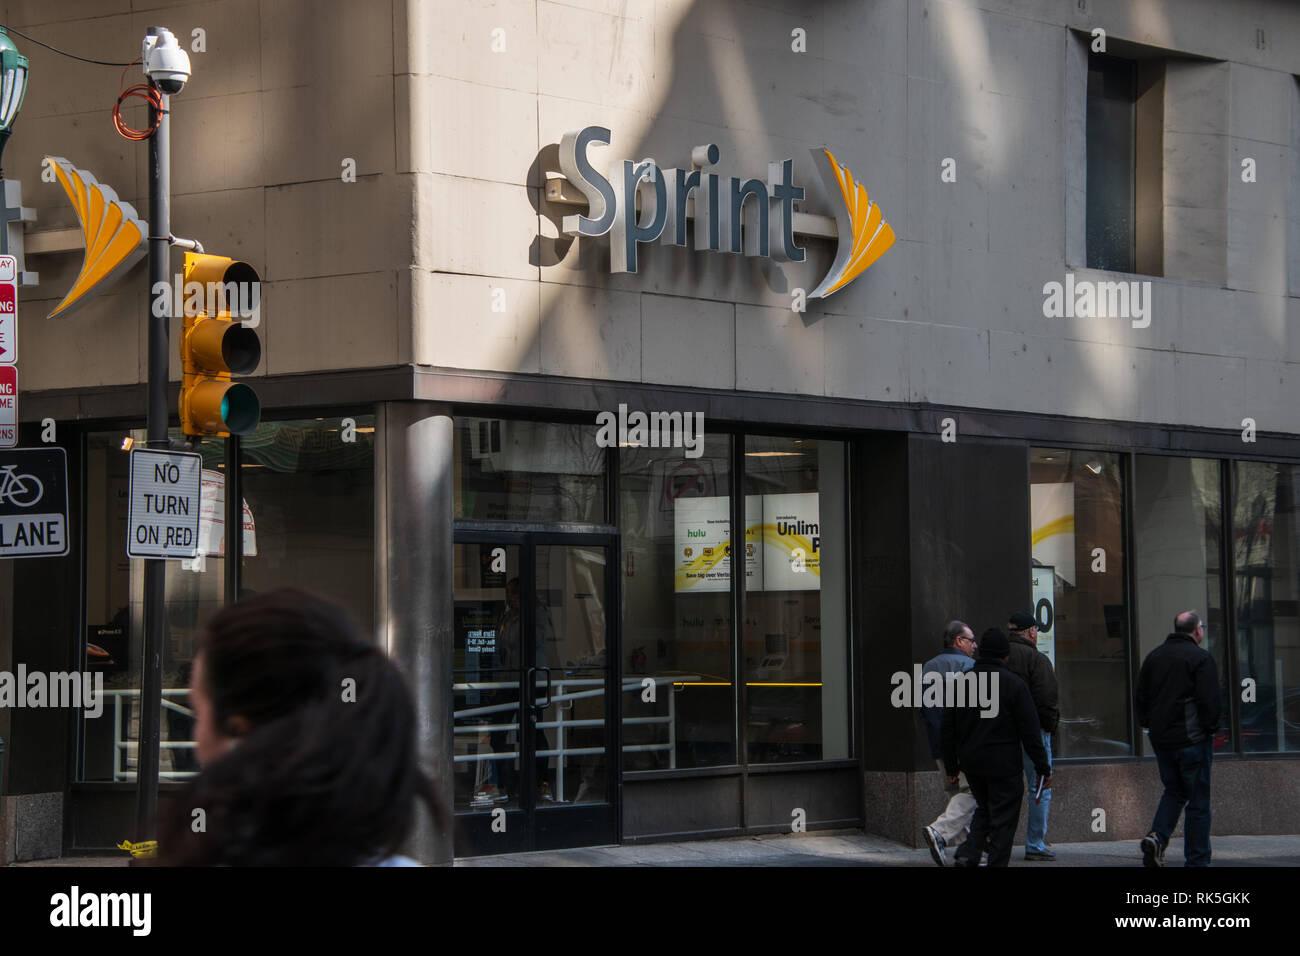 Philadelphia, Pennsylvania - Febbraio 5, 2019: Store anteriore di un negozio Sprint che mostra il logo Sprint e gente che cammina sulla strada di fronte al Immagini Stock